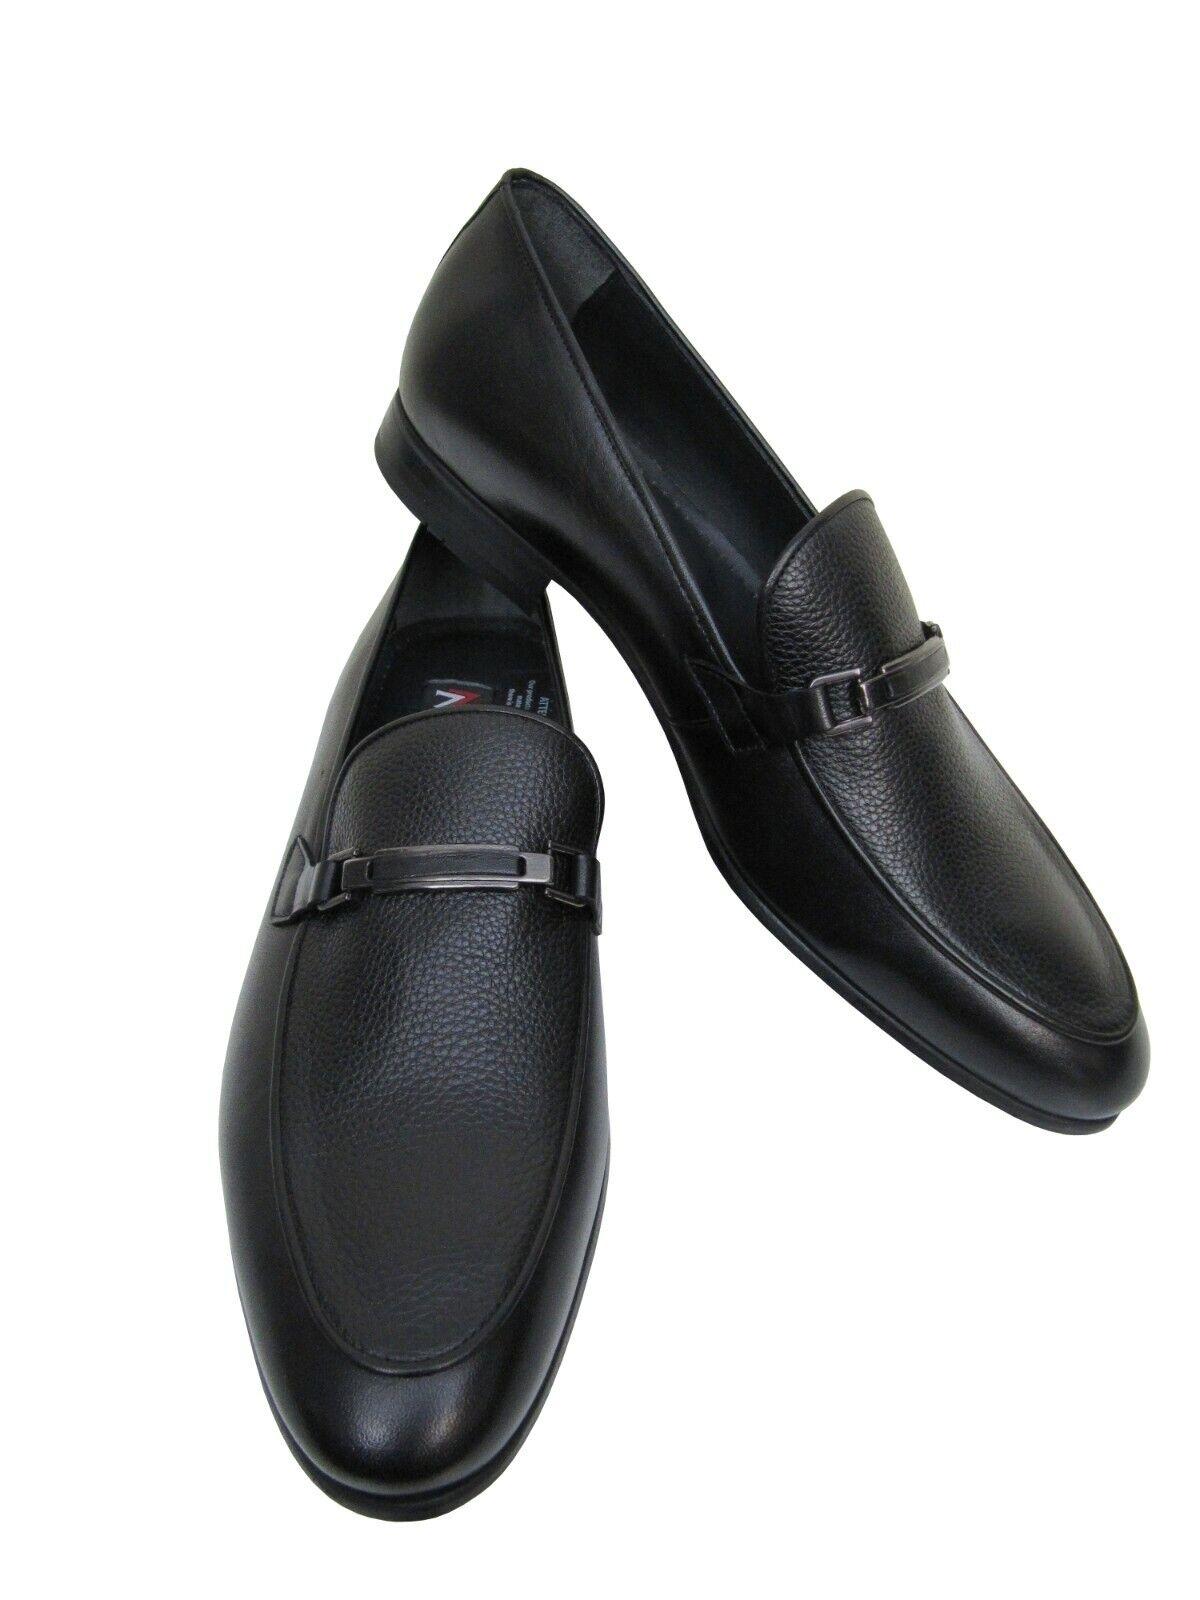 Uomo in pelle Scarpe Loafer con fermaglio tg. 39 Nero | Stili diversi  | Sig/Sig Ra Scarpa